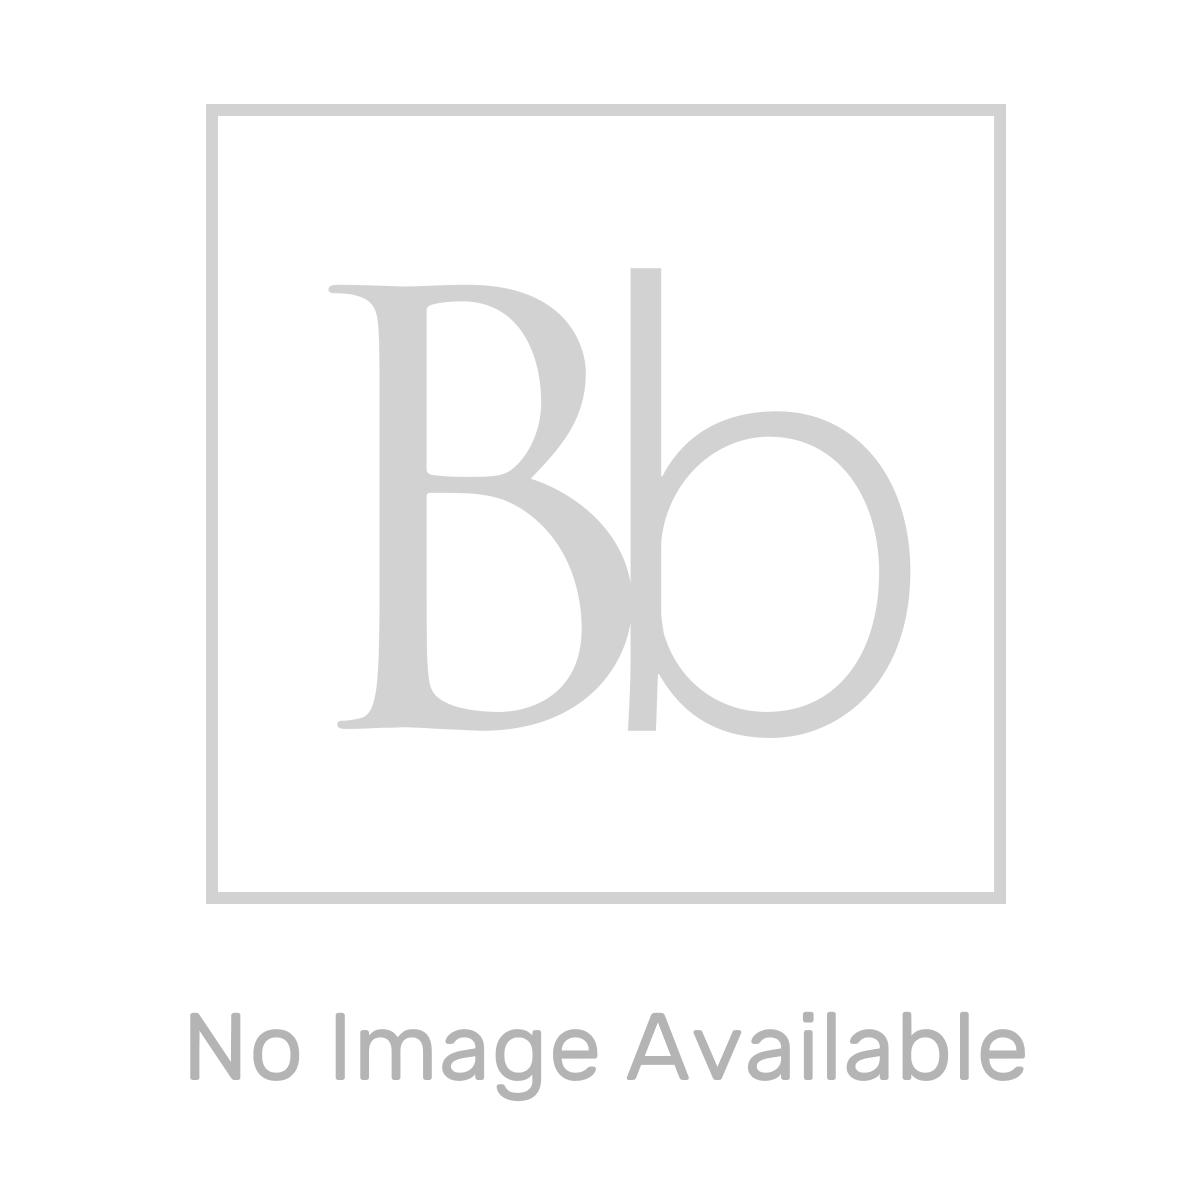 Nuie Athena Gloss Grey Mist 2 Door Floor Standing Unit 600mm with Worktop